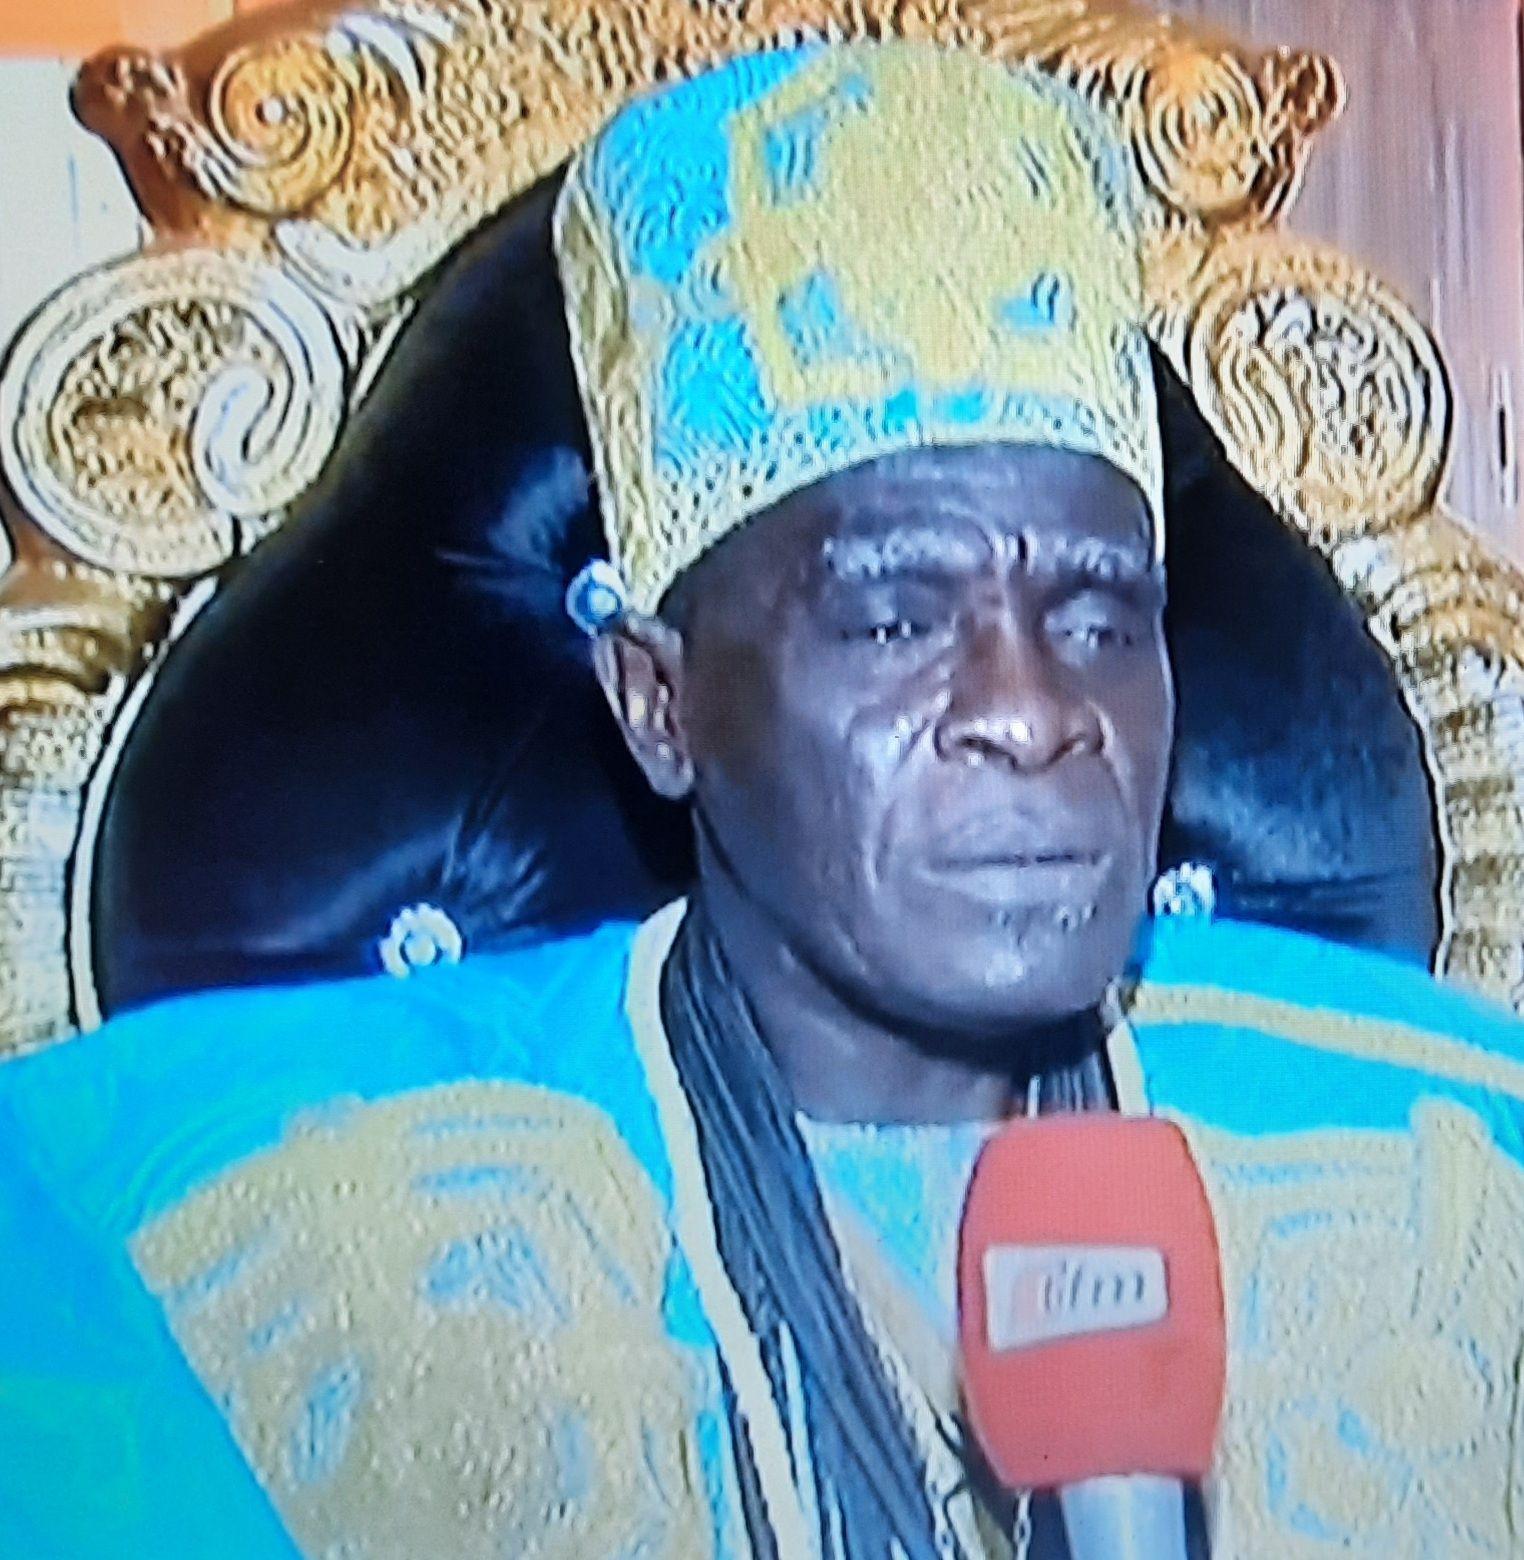 Dakar et sa banlieue : des troubles graves de l'ordre public interne pour un opposant impliqué dans scandale sexuel» par Amadou Bal BA - http://baamadou.over-blog.fr/